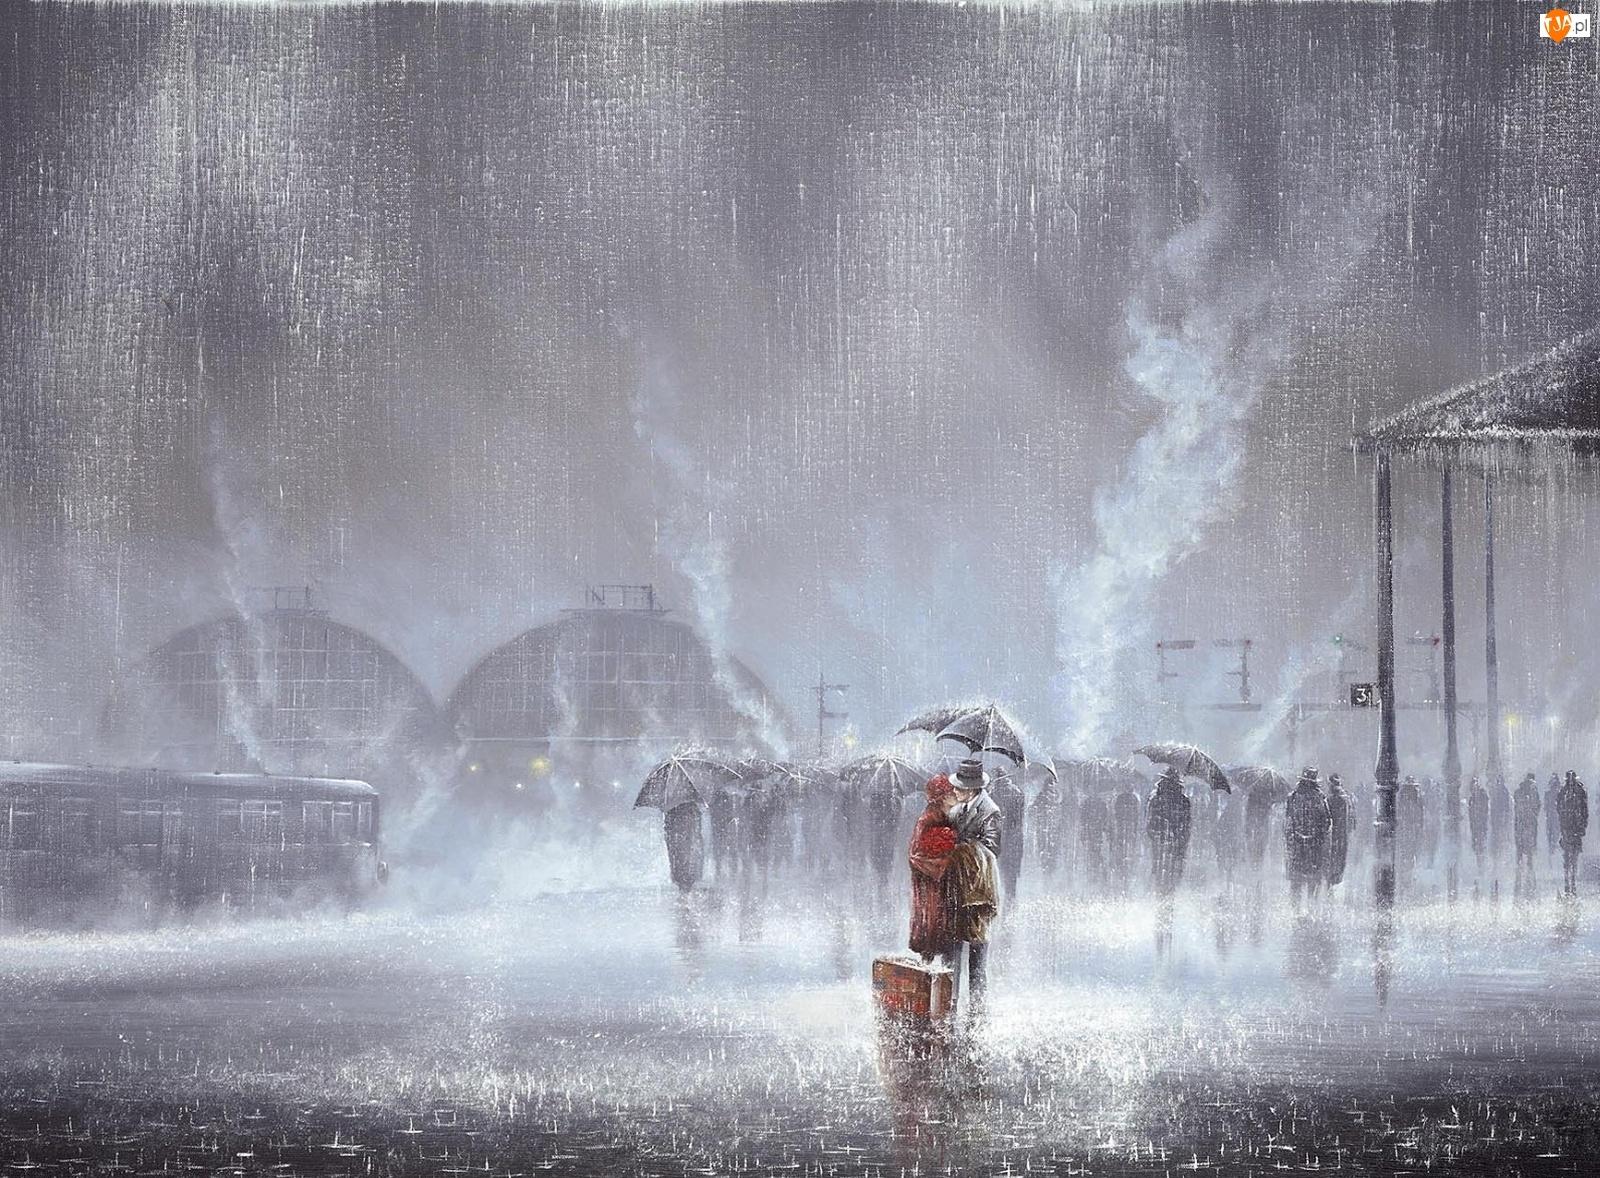 Deszcz, Parasol, Malarstwo, Walizka, Obraz, Mężczyzna